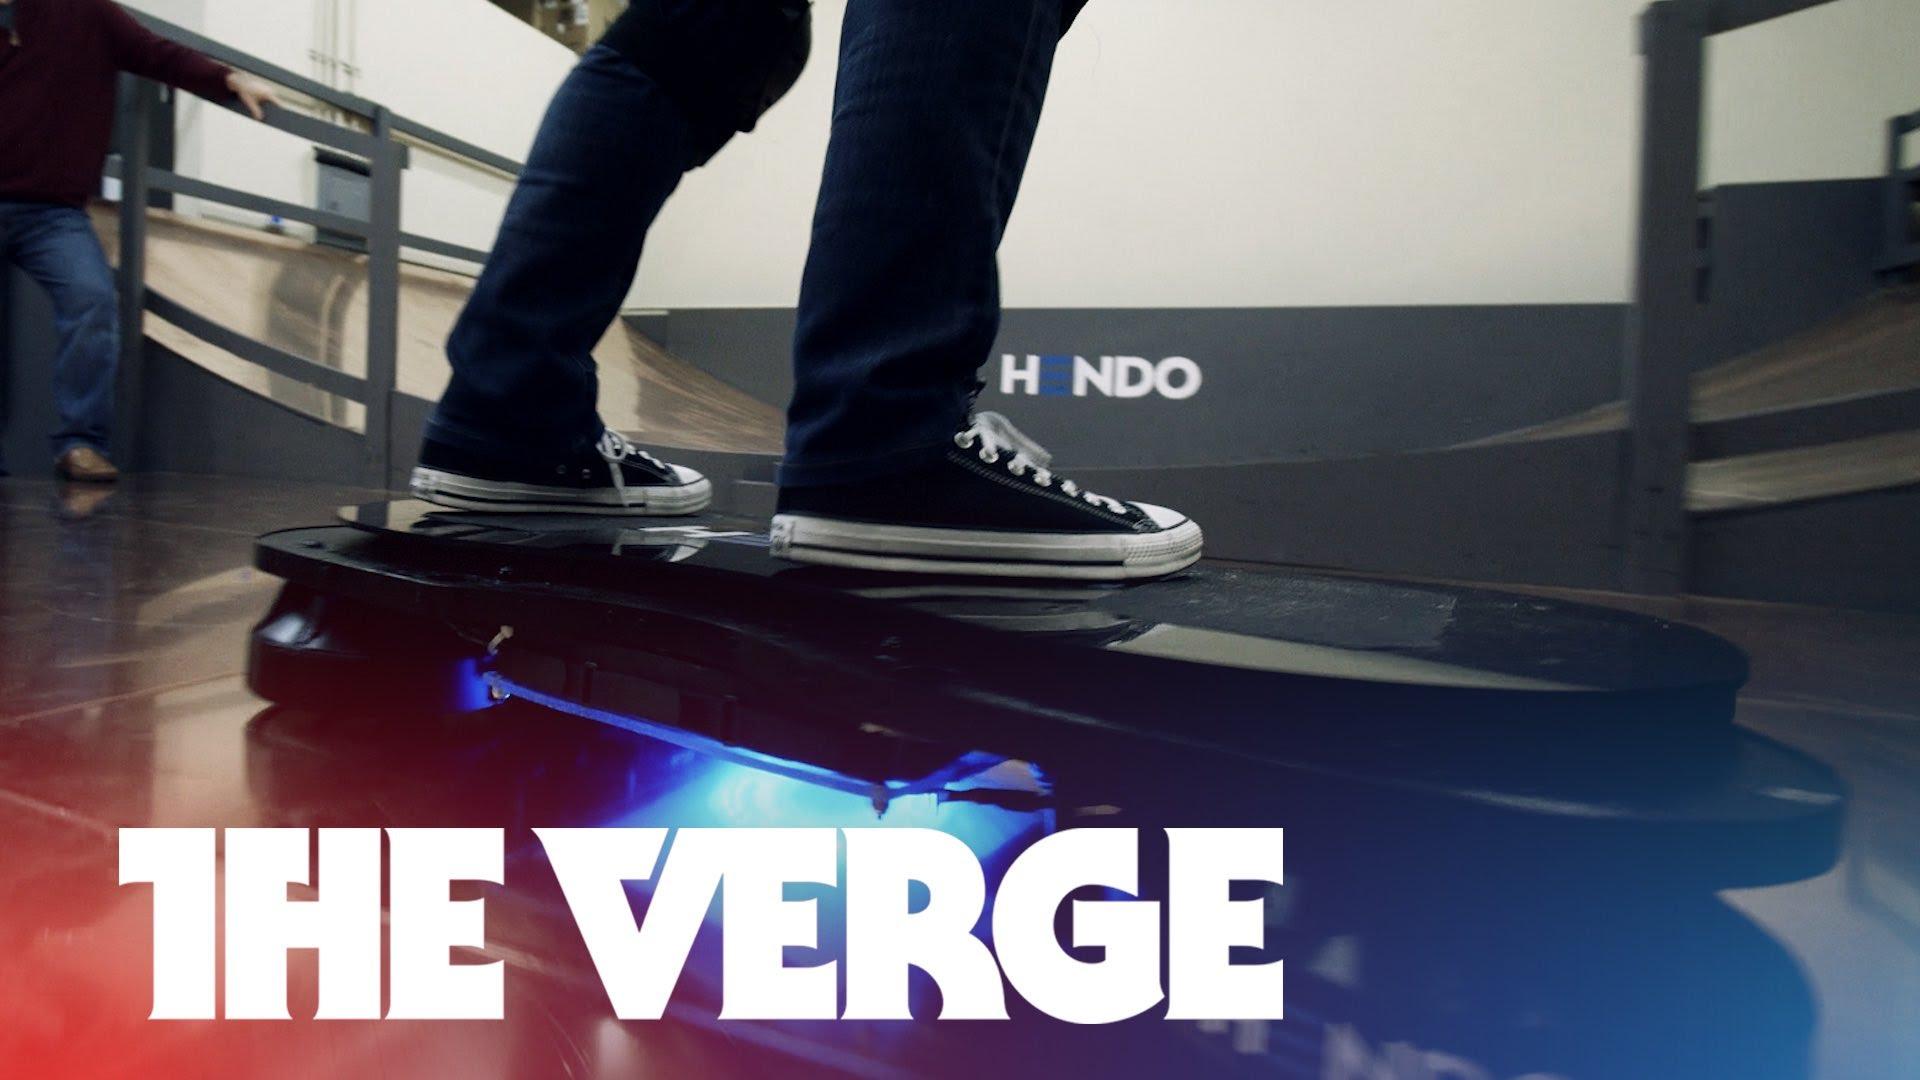 maxresdefaultMXQQGQPI Hier ist unser Hoverboard, bitteschön!